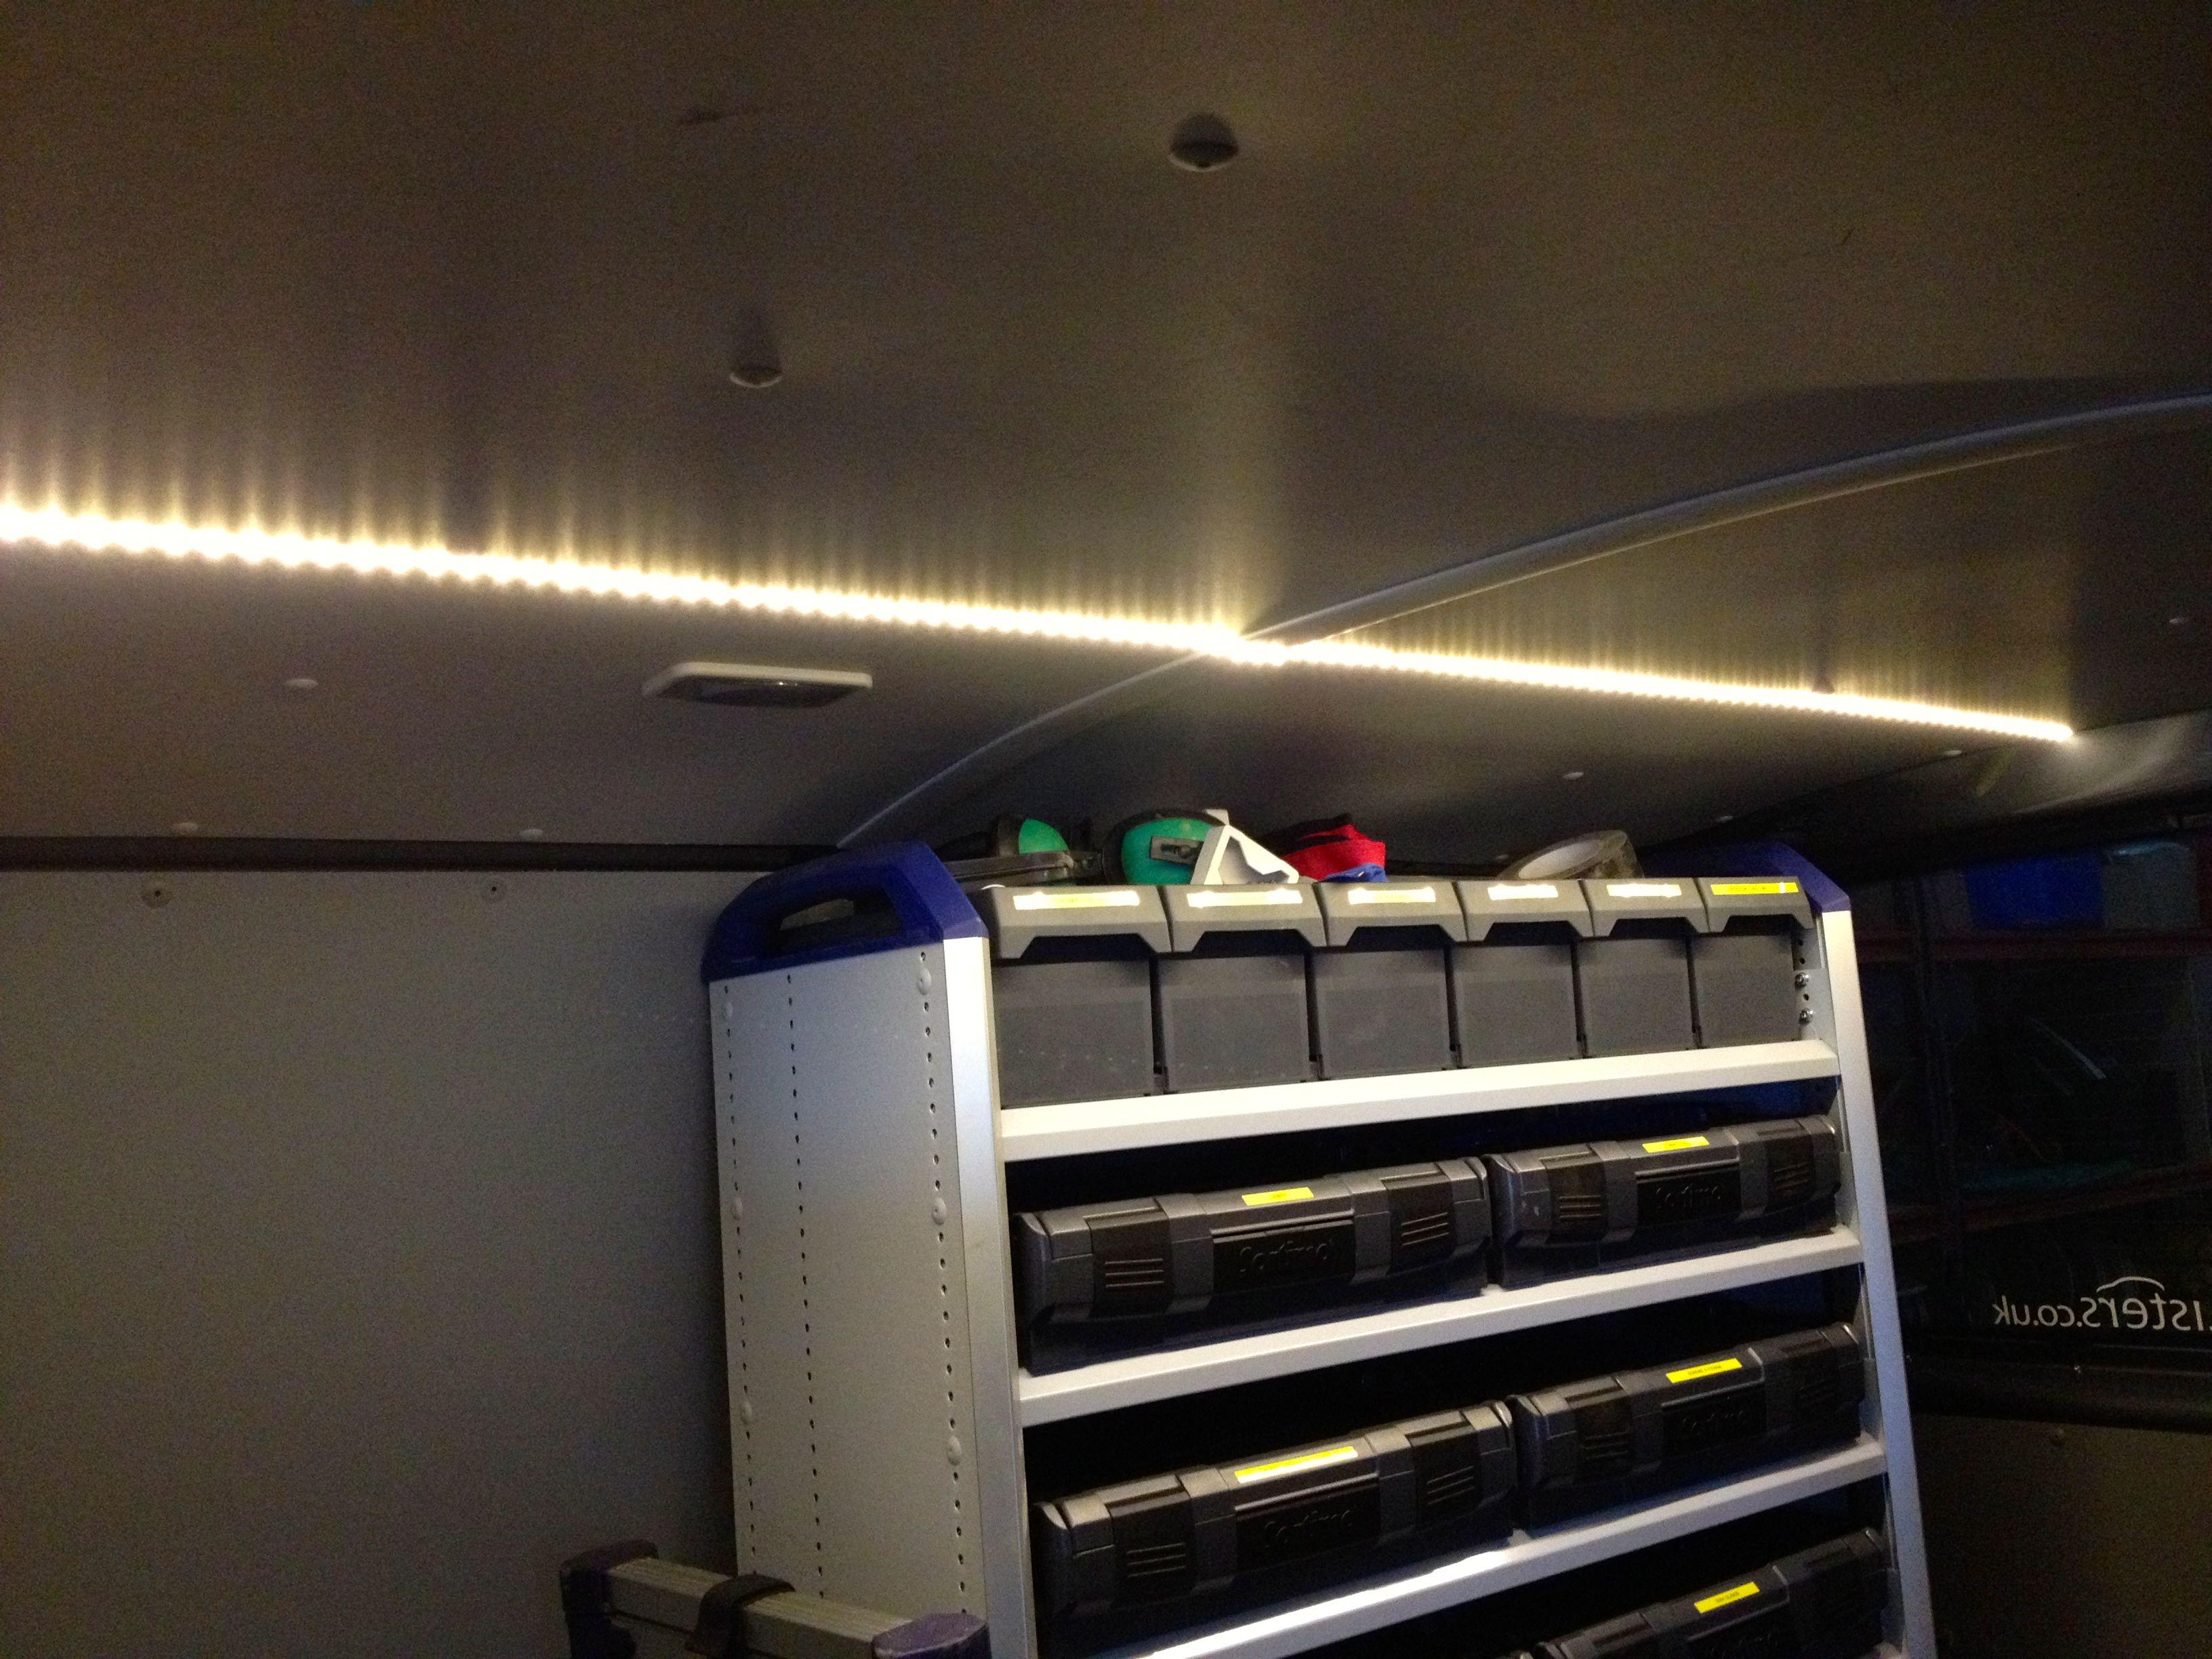 Avantech Led Strip Lights In Natural White Works Van